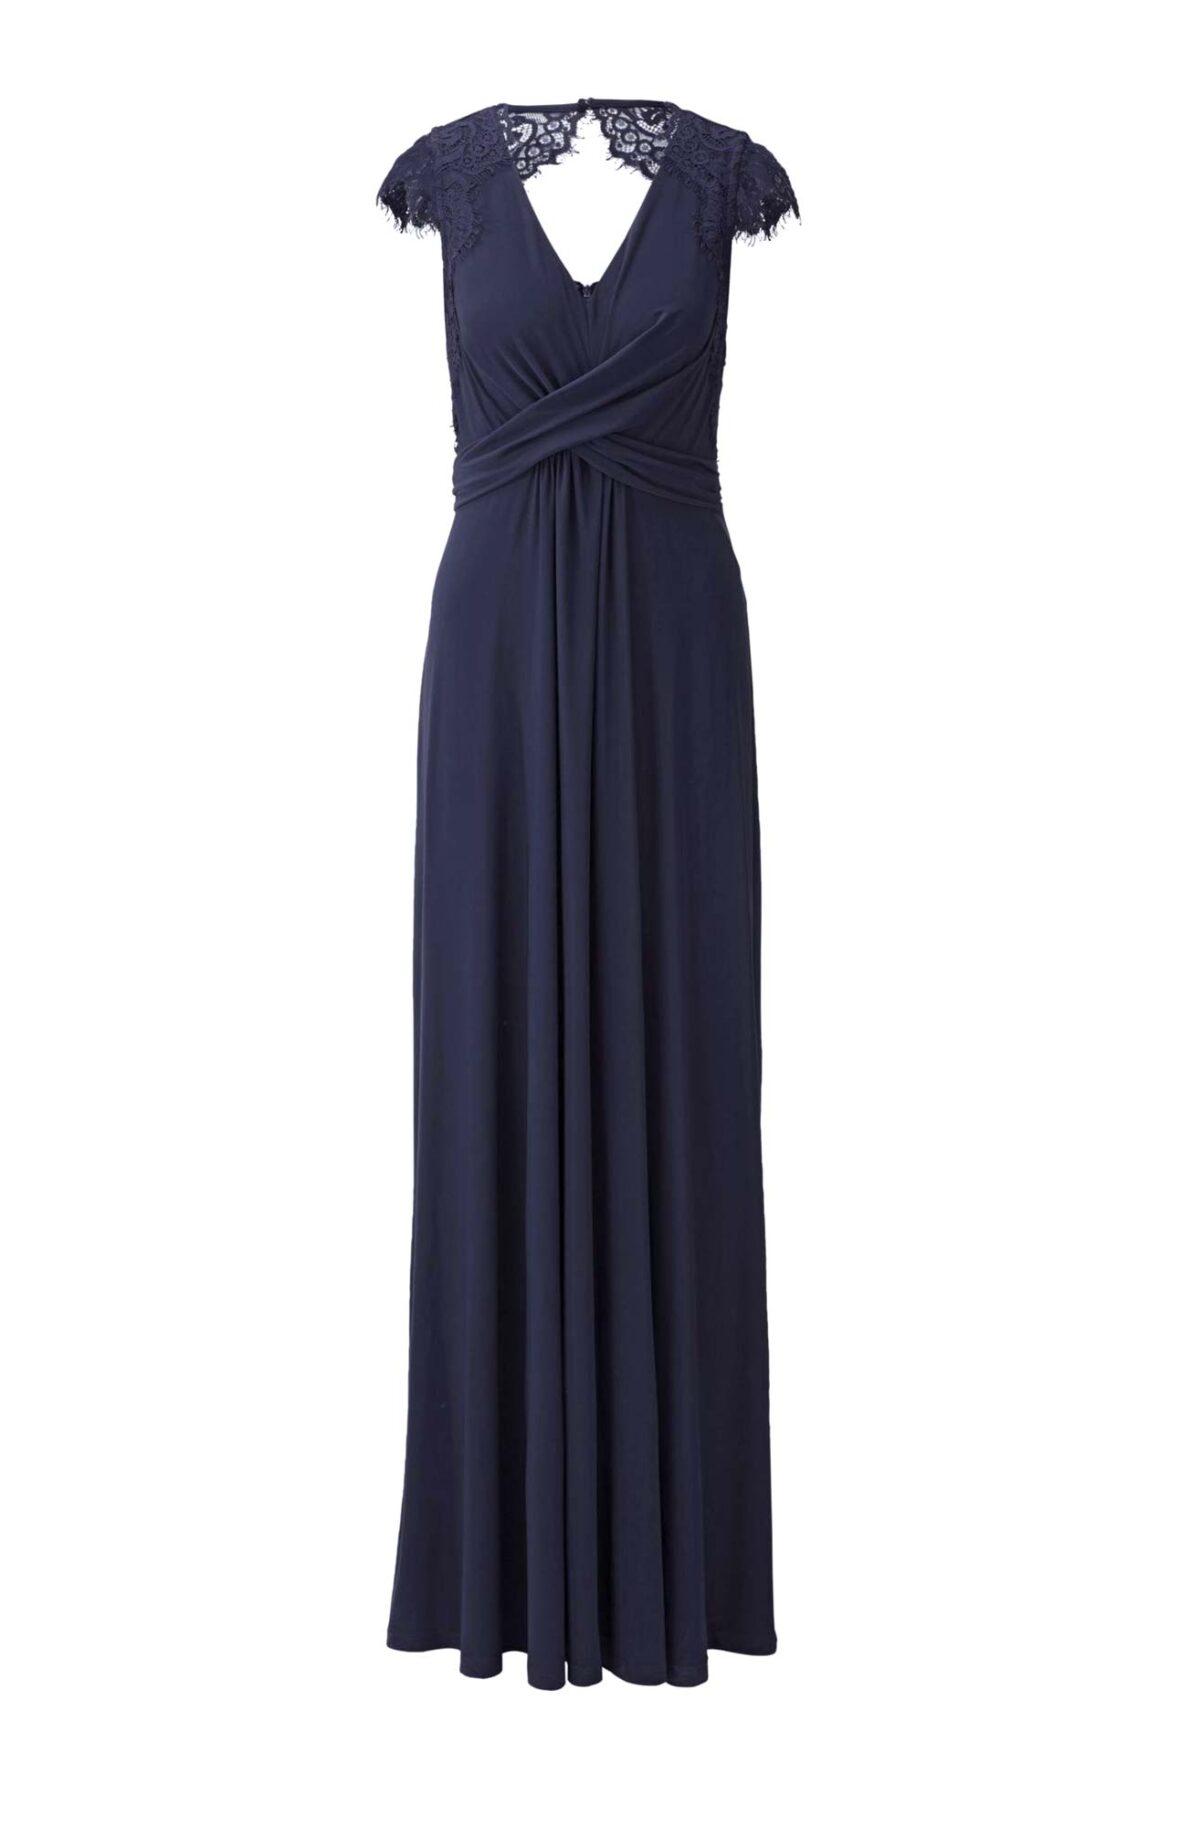 Festmoden Heine Abendkleid lang, nachtblau 424.627 424.627 Missforty